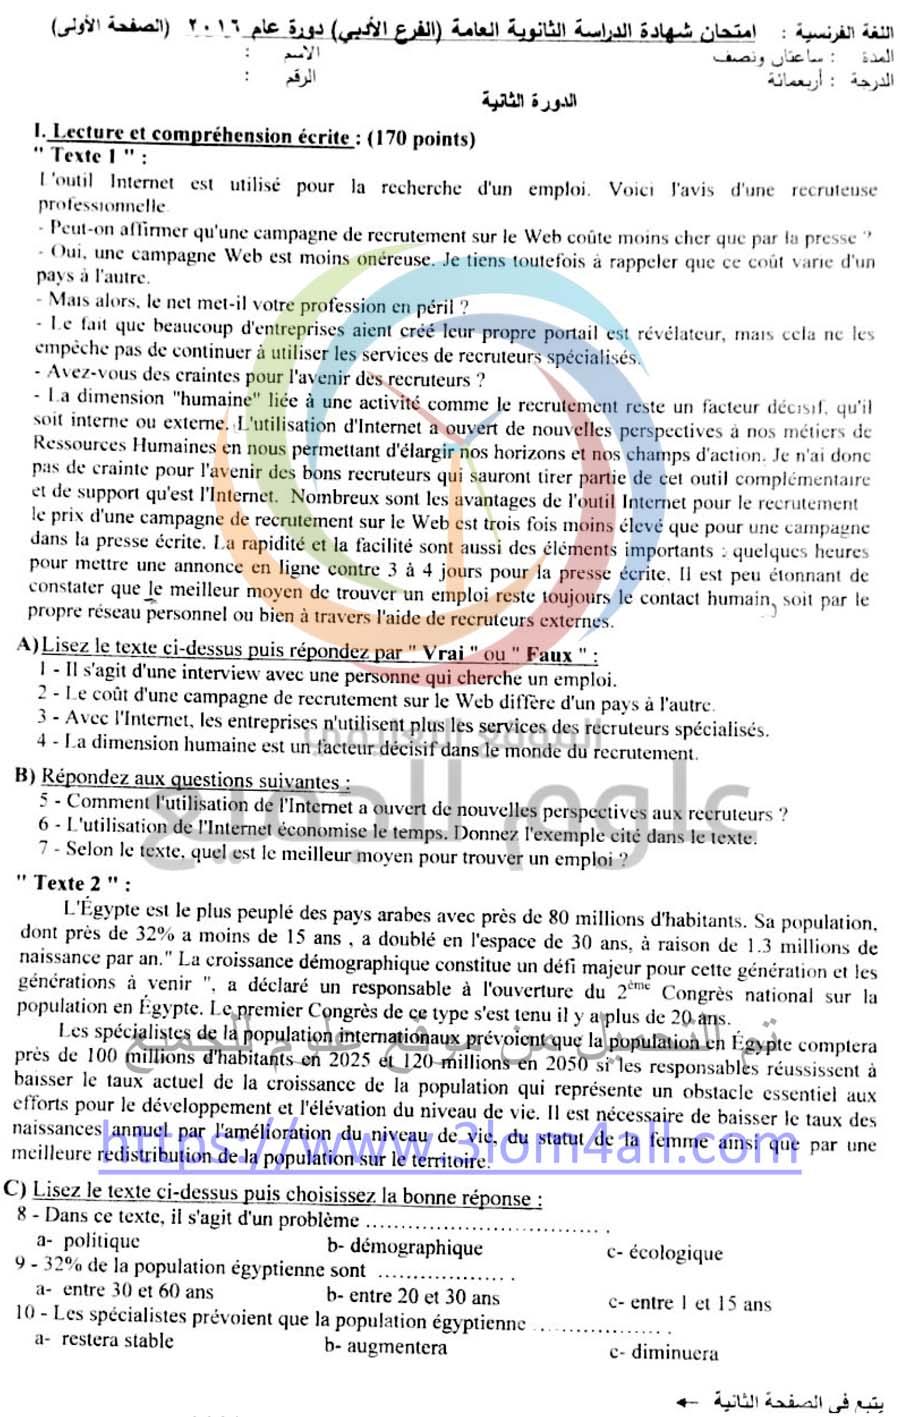 ورقة أسئلة امتحان اللغة الفرنسية الدورة الثانية البكالوريا الأدبي 2016